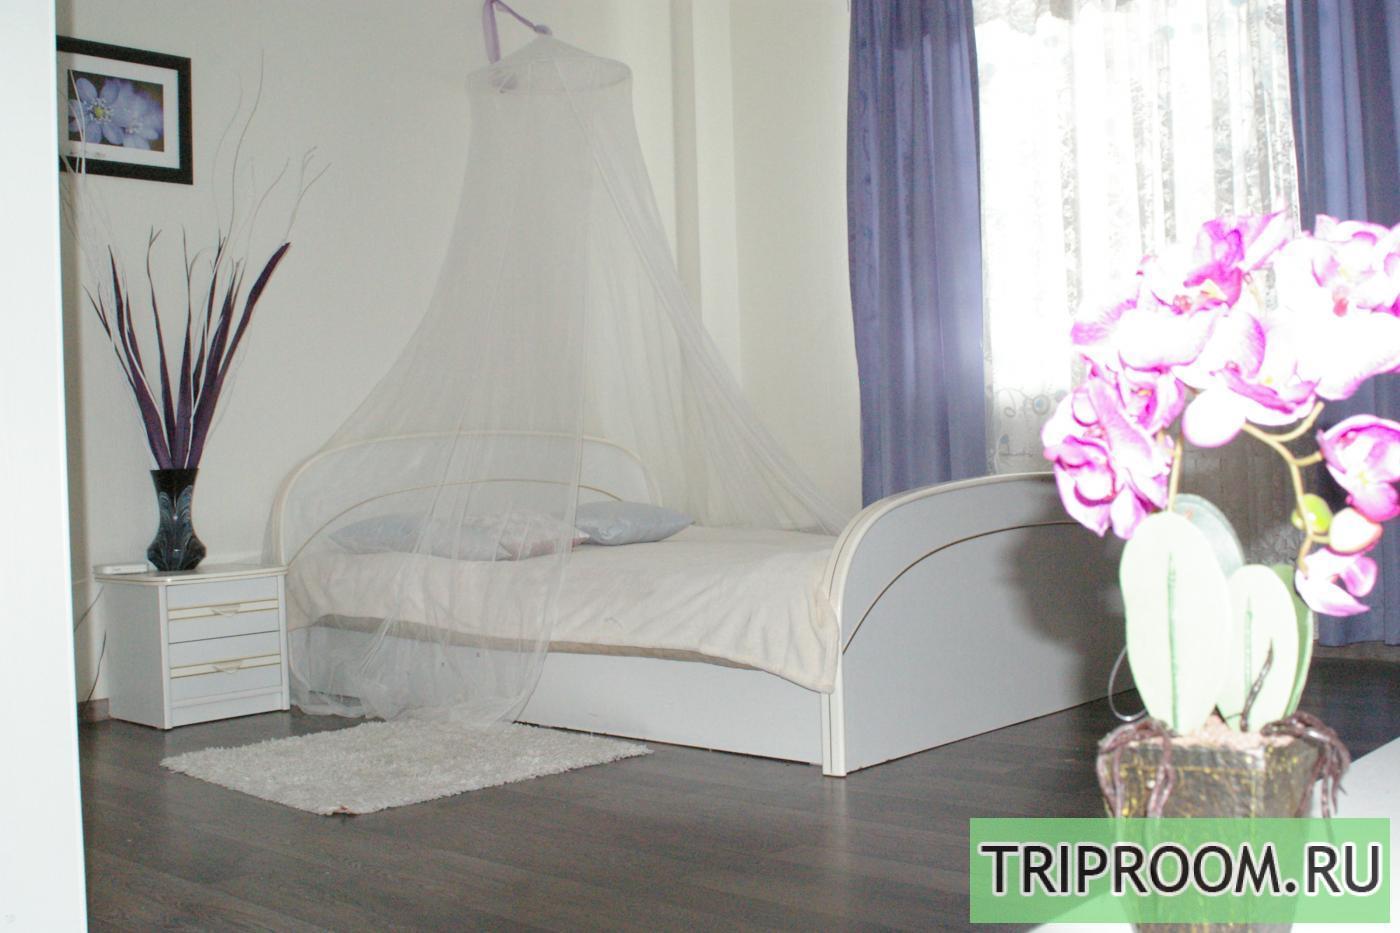 1-комнатная квартира посуточно (вариант № 300), ул. Чистопольская улица, фото № 2